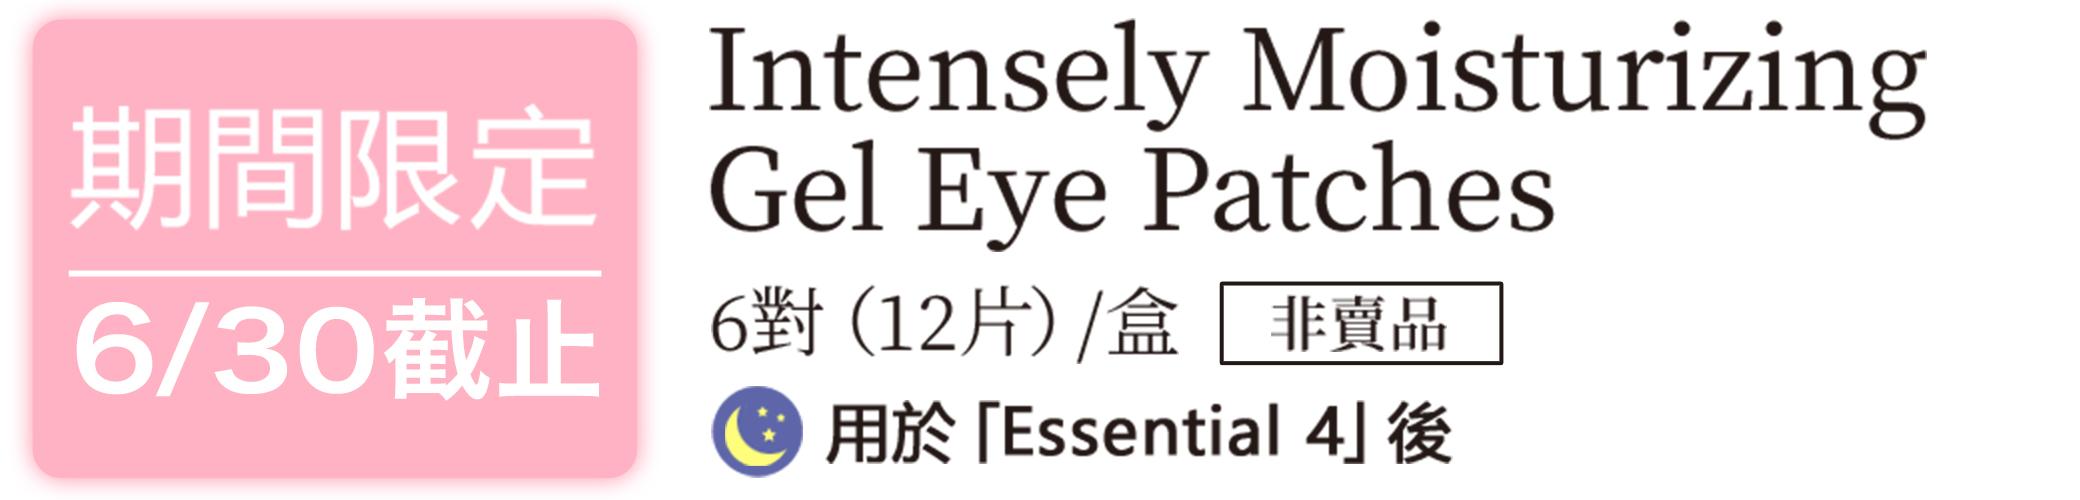 期間限定 6/30截止 Intensely Moisturizing Gel Eye Patches 6對(12片)/盒 非賣品 用於「Essential 4」後